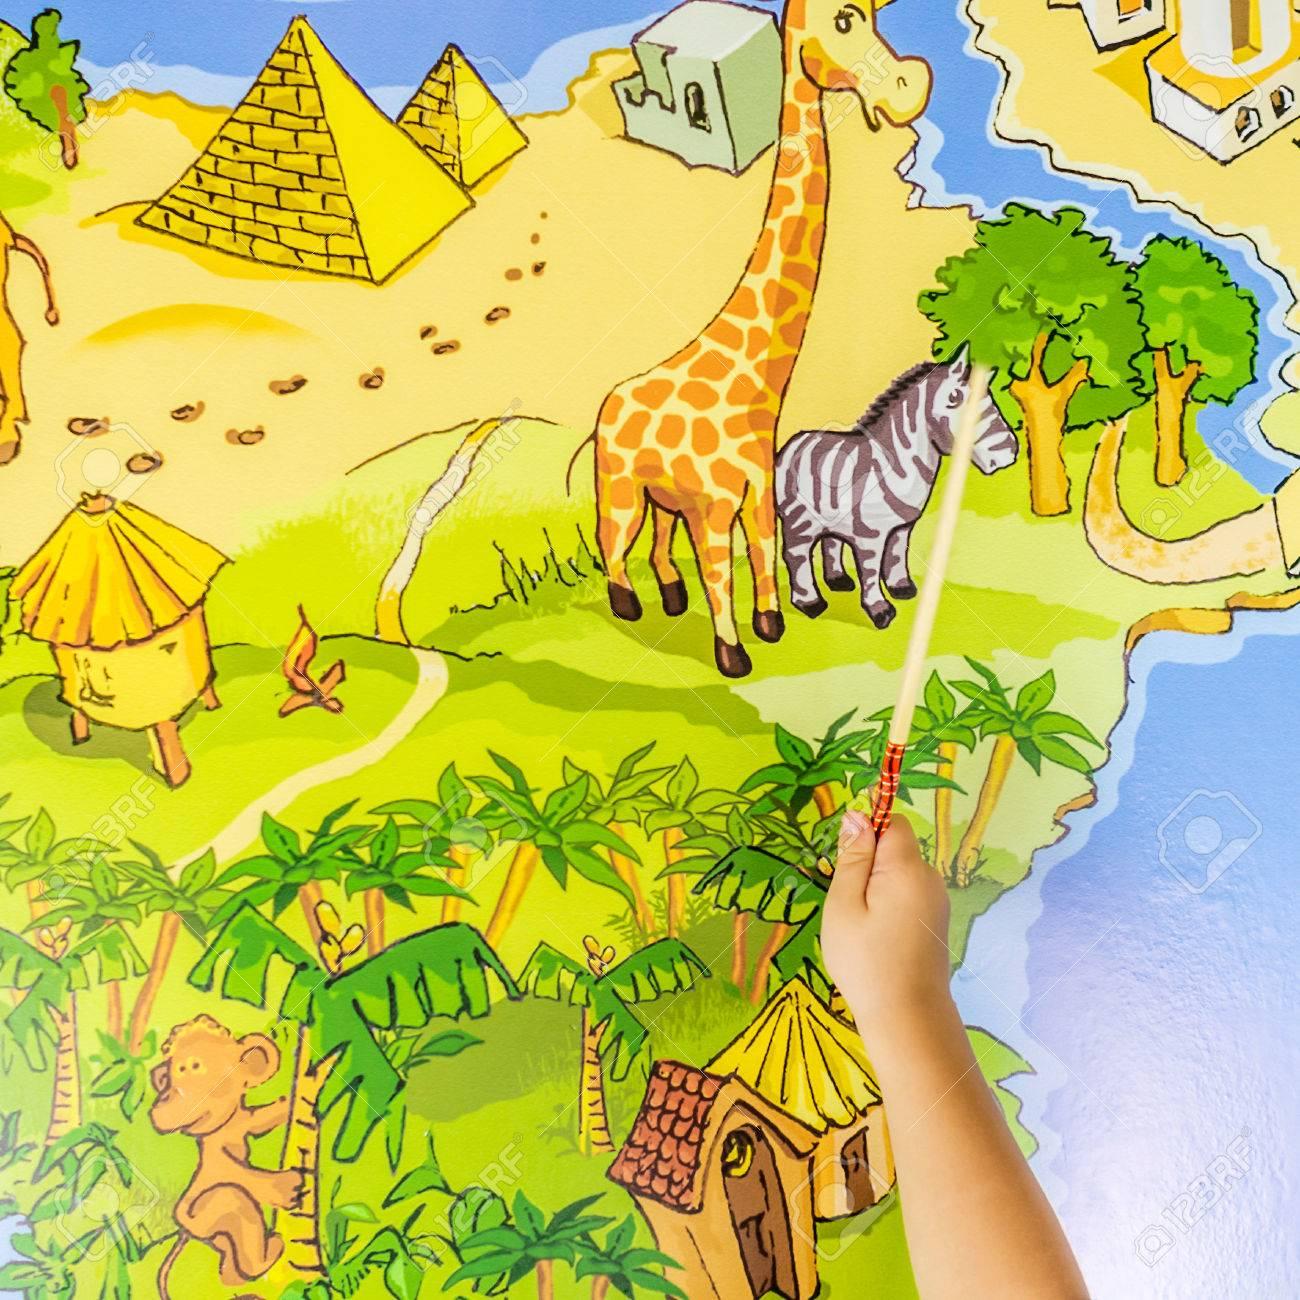 Enfant Indiquant Zèbres Et Chameaux Sur La Carte Du Monde Dessinée concernant Carte Du Monde Enfant